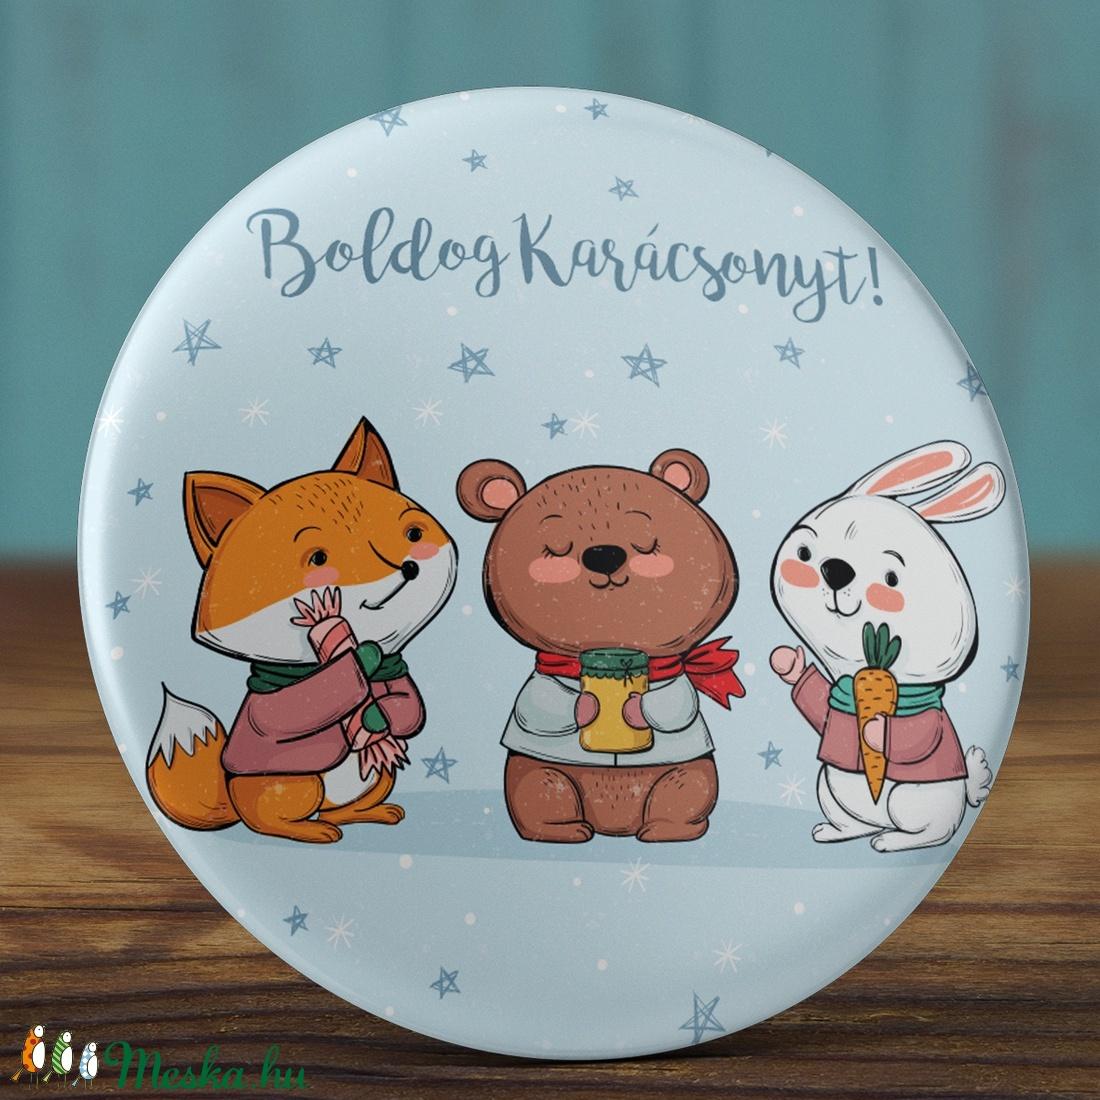 Karácsonyi mágnes - téli állatok mágnes - karácsonyi állatok mágnes - tél mágnes - hűtőmágnes - róka - medve - nyuszi (AngelPin) - Meska.hu